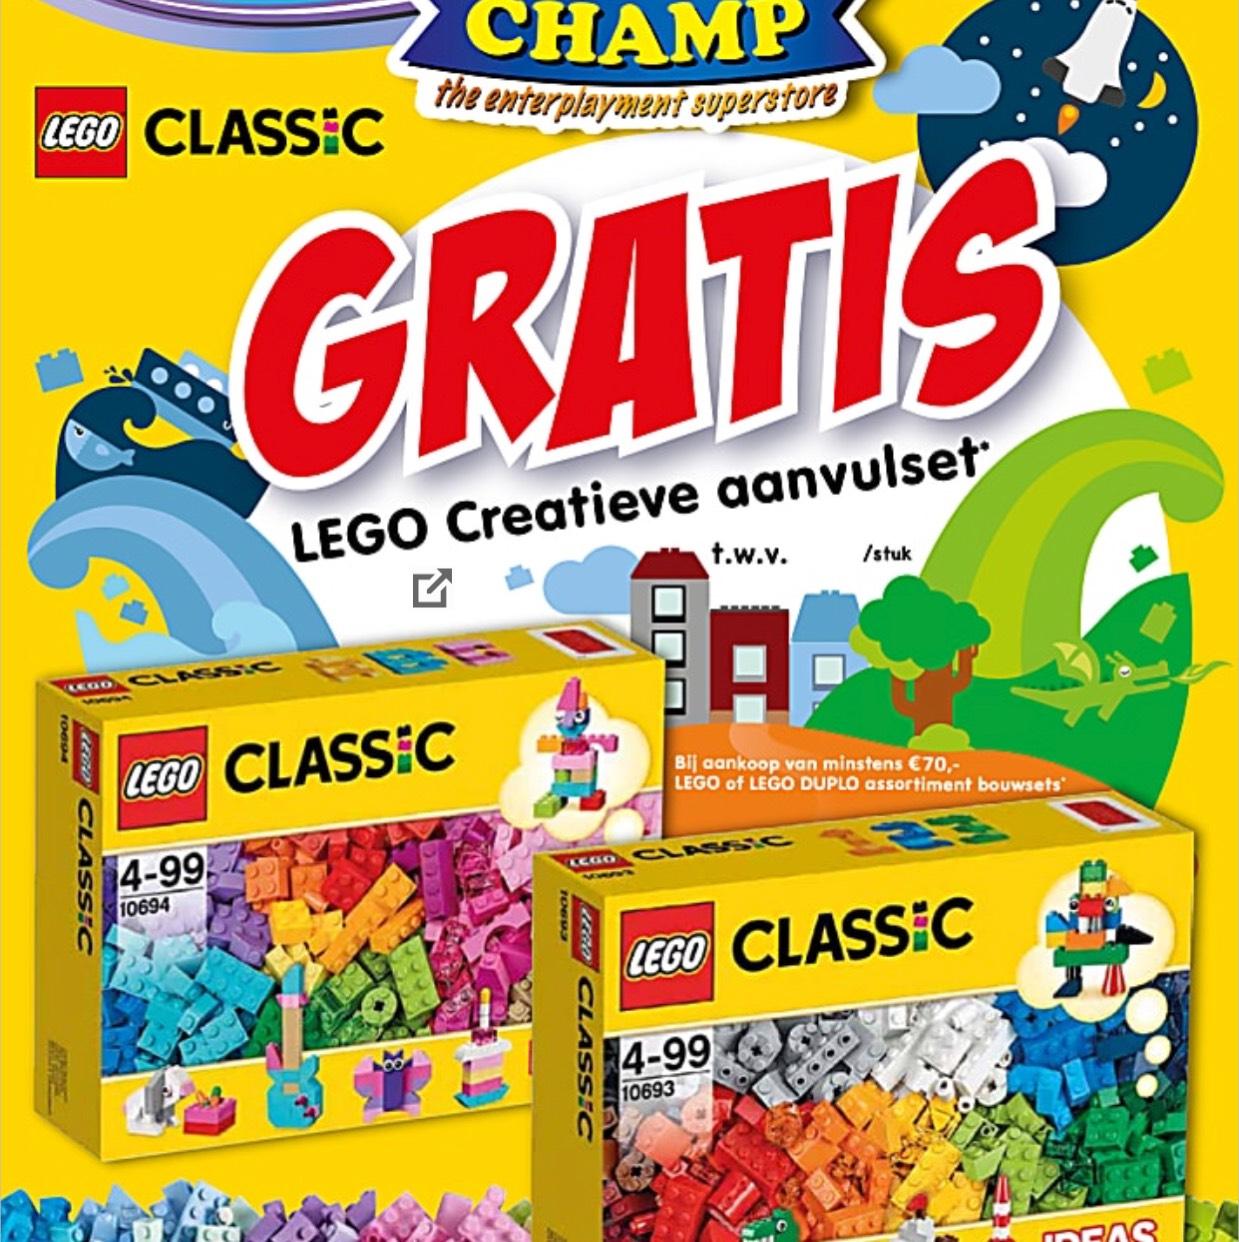 Gratis Lego Classic t.w.v. €19,99 bij besteding van €70,- @ToyChamp